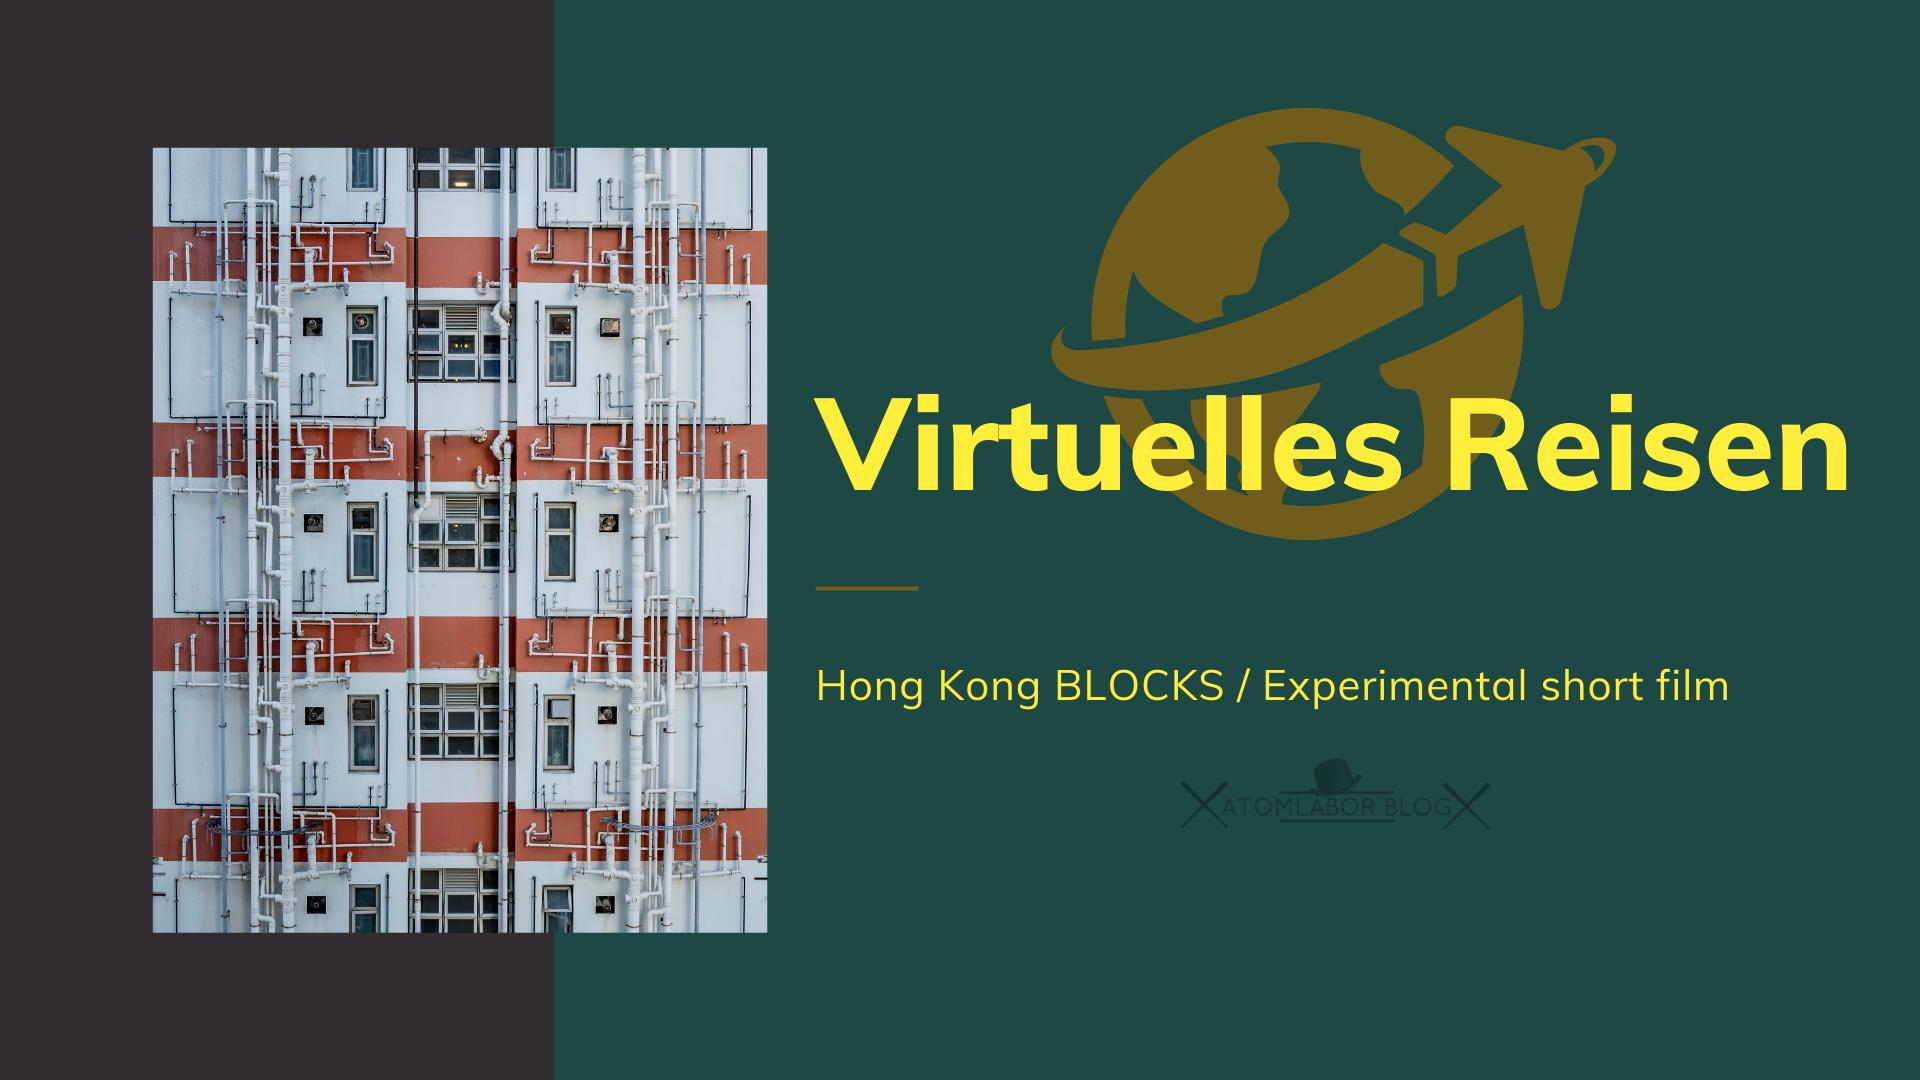 Hong Kong BLOCKS / Experimental short film (Public housing) | Ein ungewöhnlicher Kurzfilm